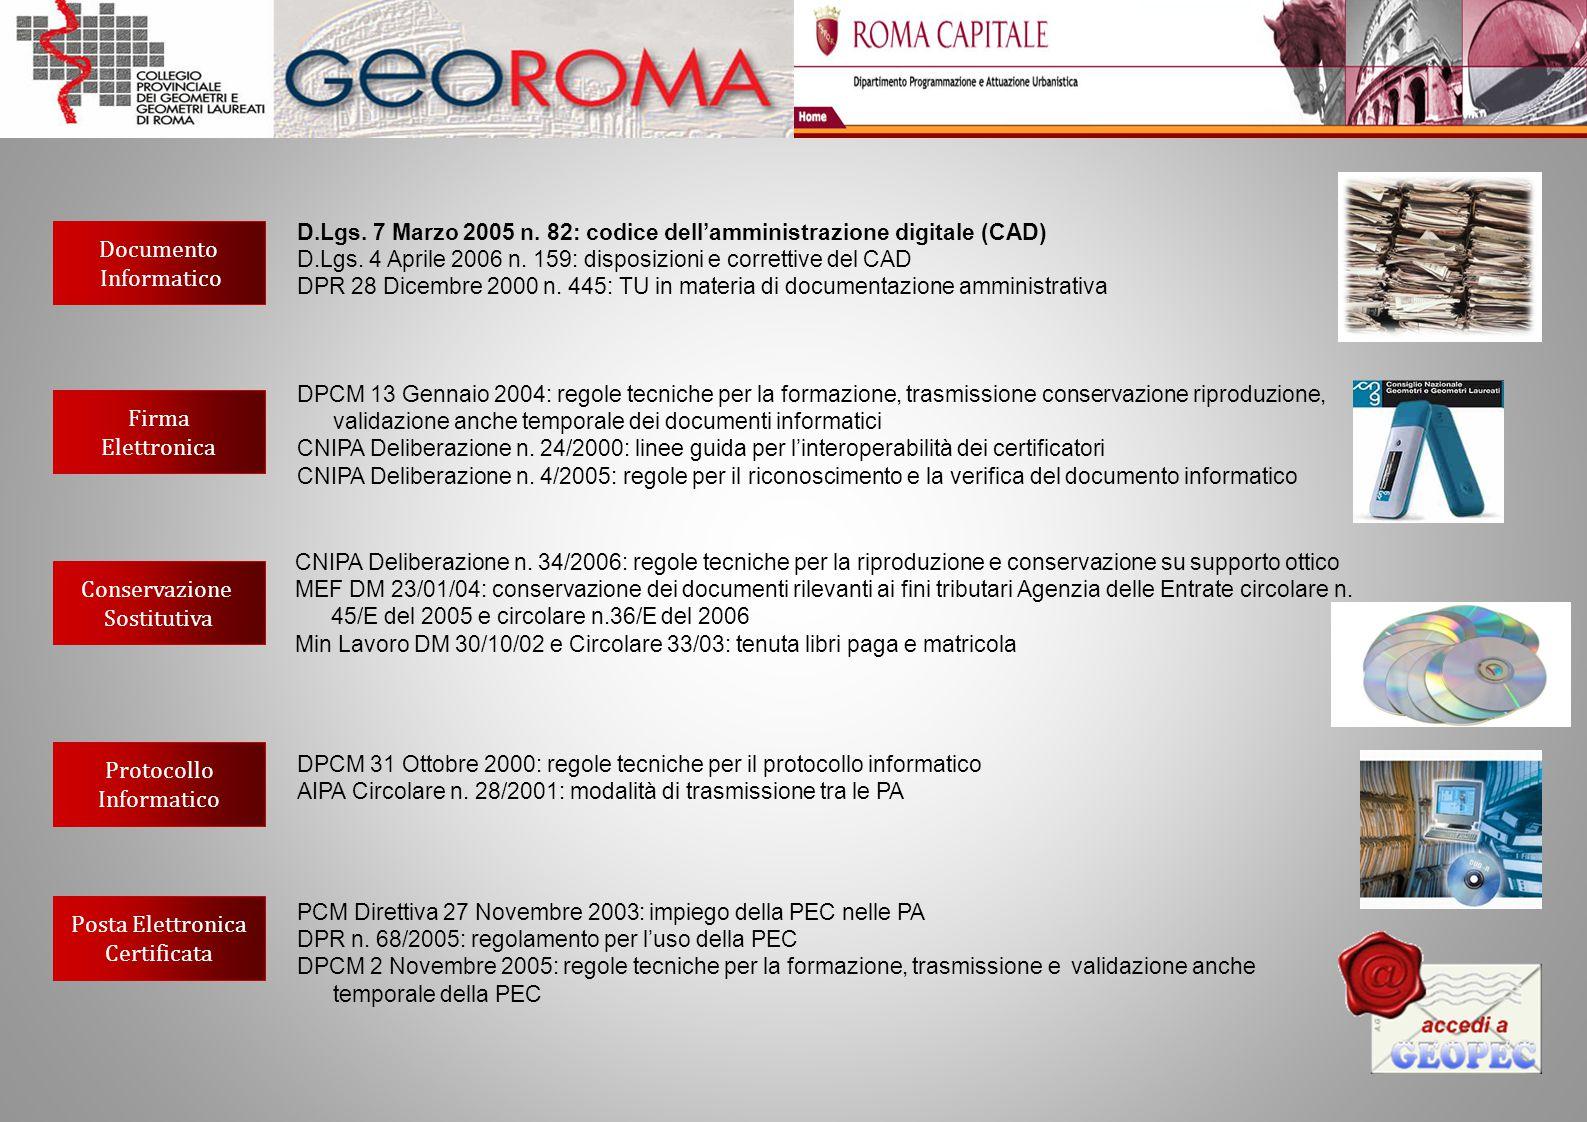 Documento Informatico Firma Elettronica Conservazione Sostitutiva Protocollo Informatico Posta Elettronica Certificata D.Lgs.